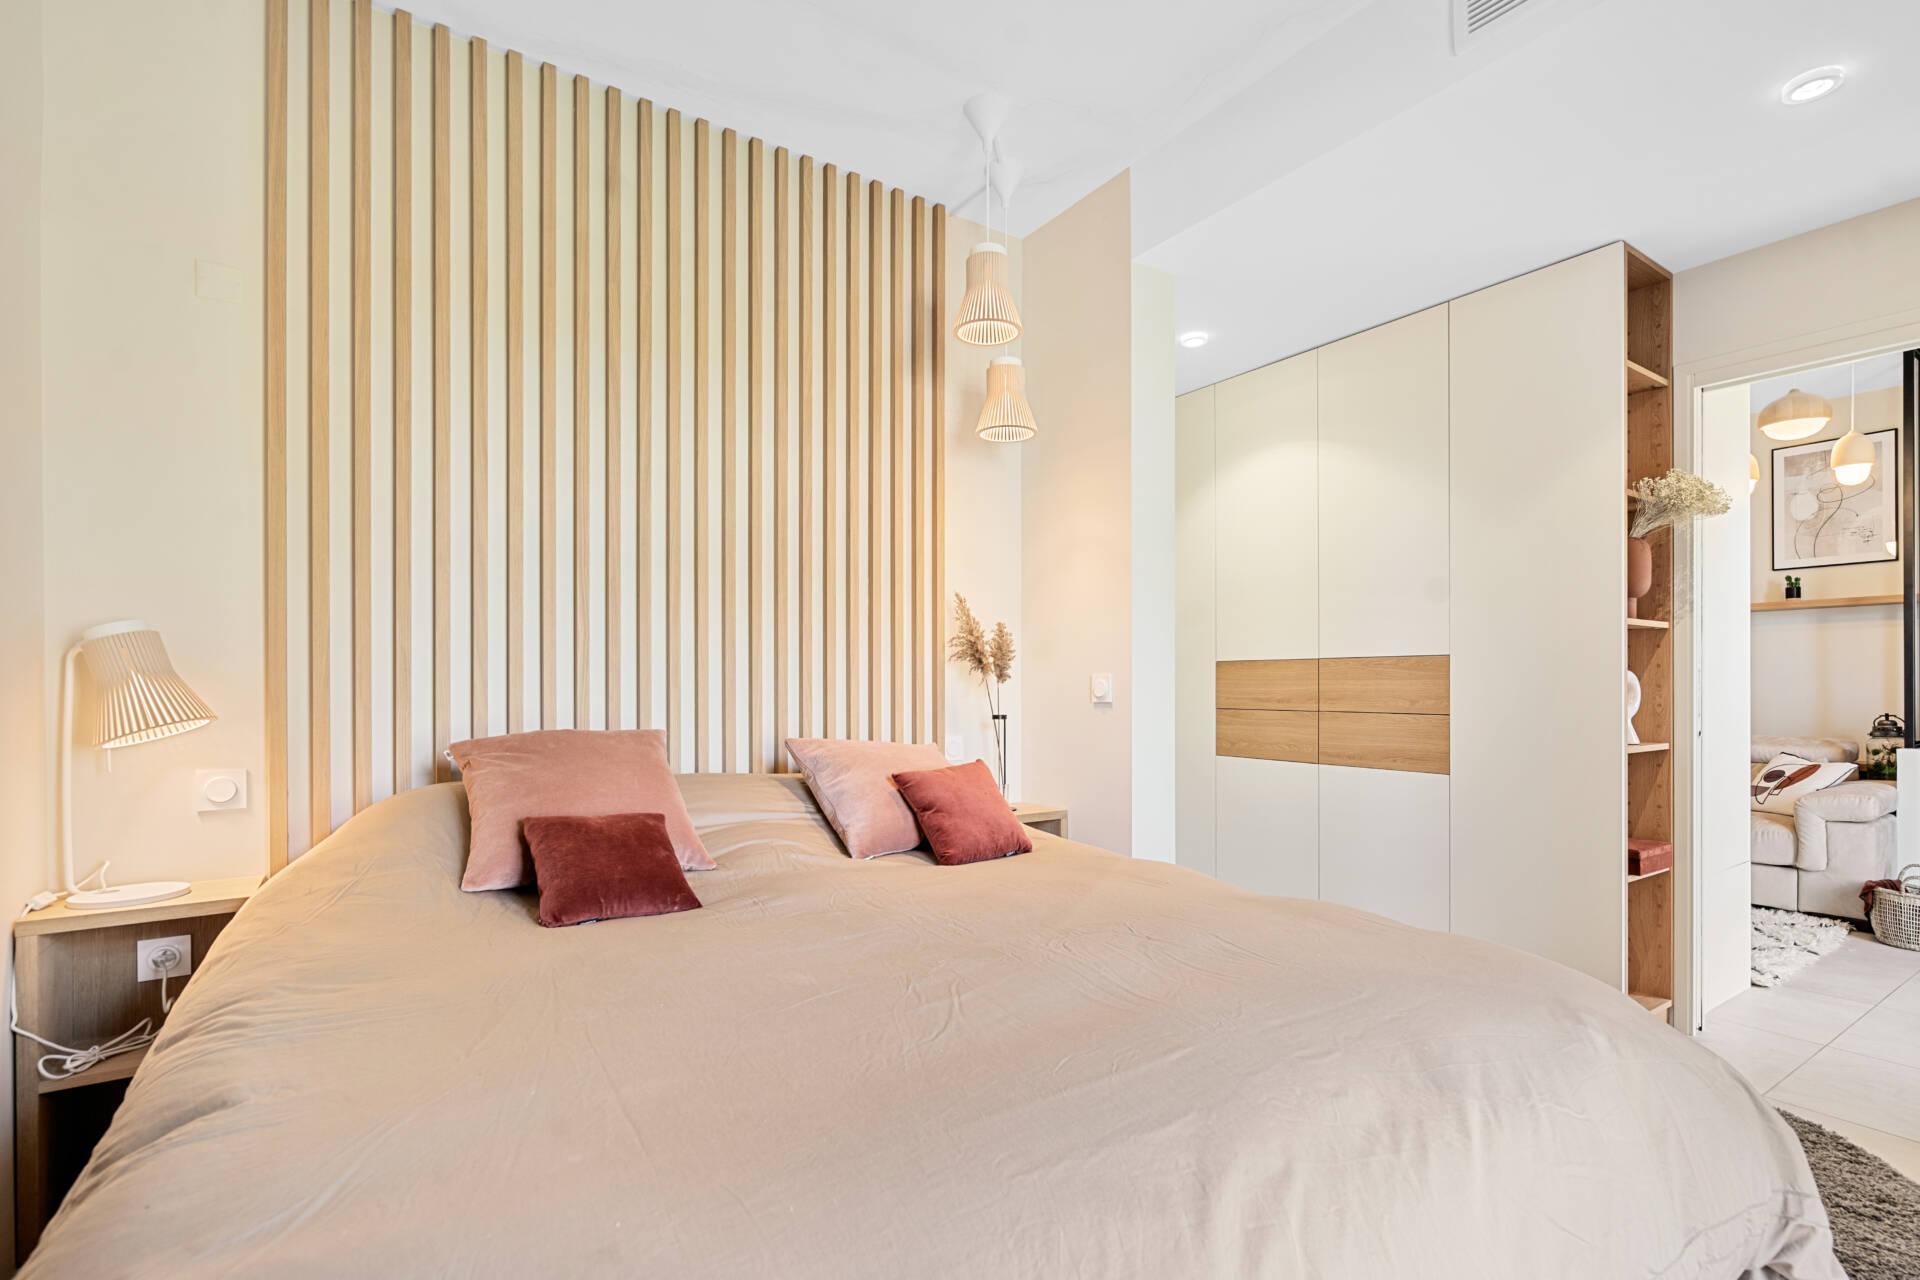 Décoration et agencement Appartement neuf Aix en Provence - Chambre avec lit claustra, par Myll décors , Agence de décoration à Aix en Provence et dans le Var